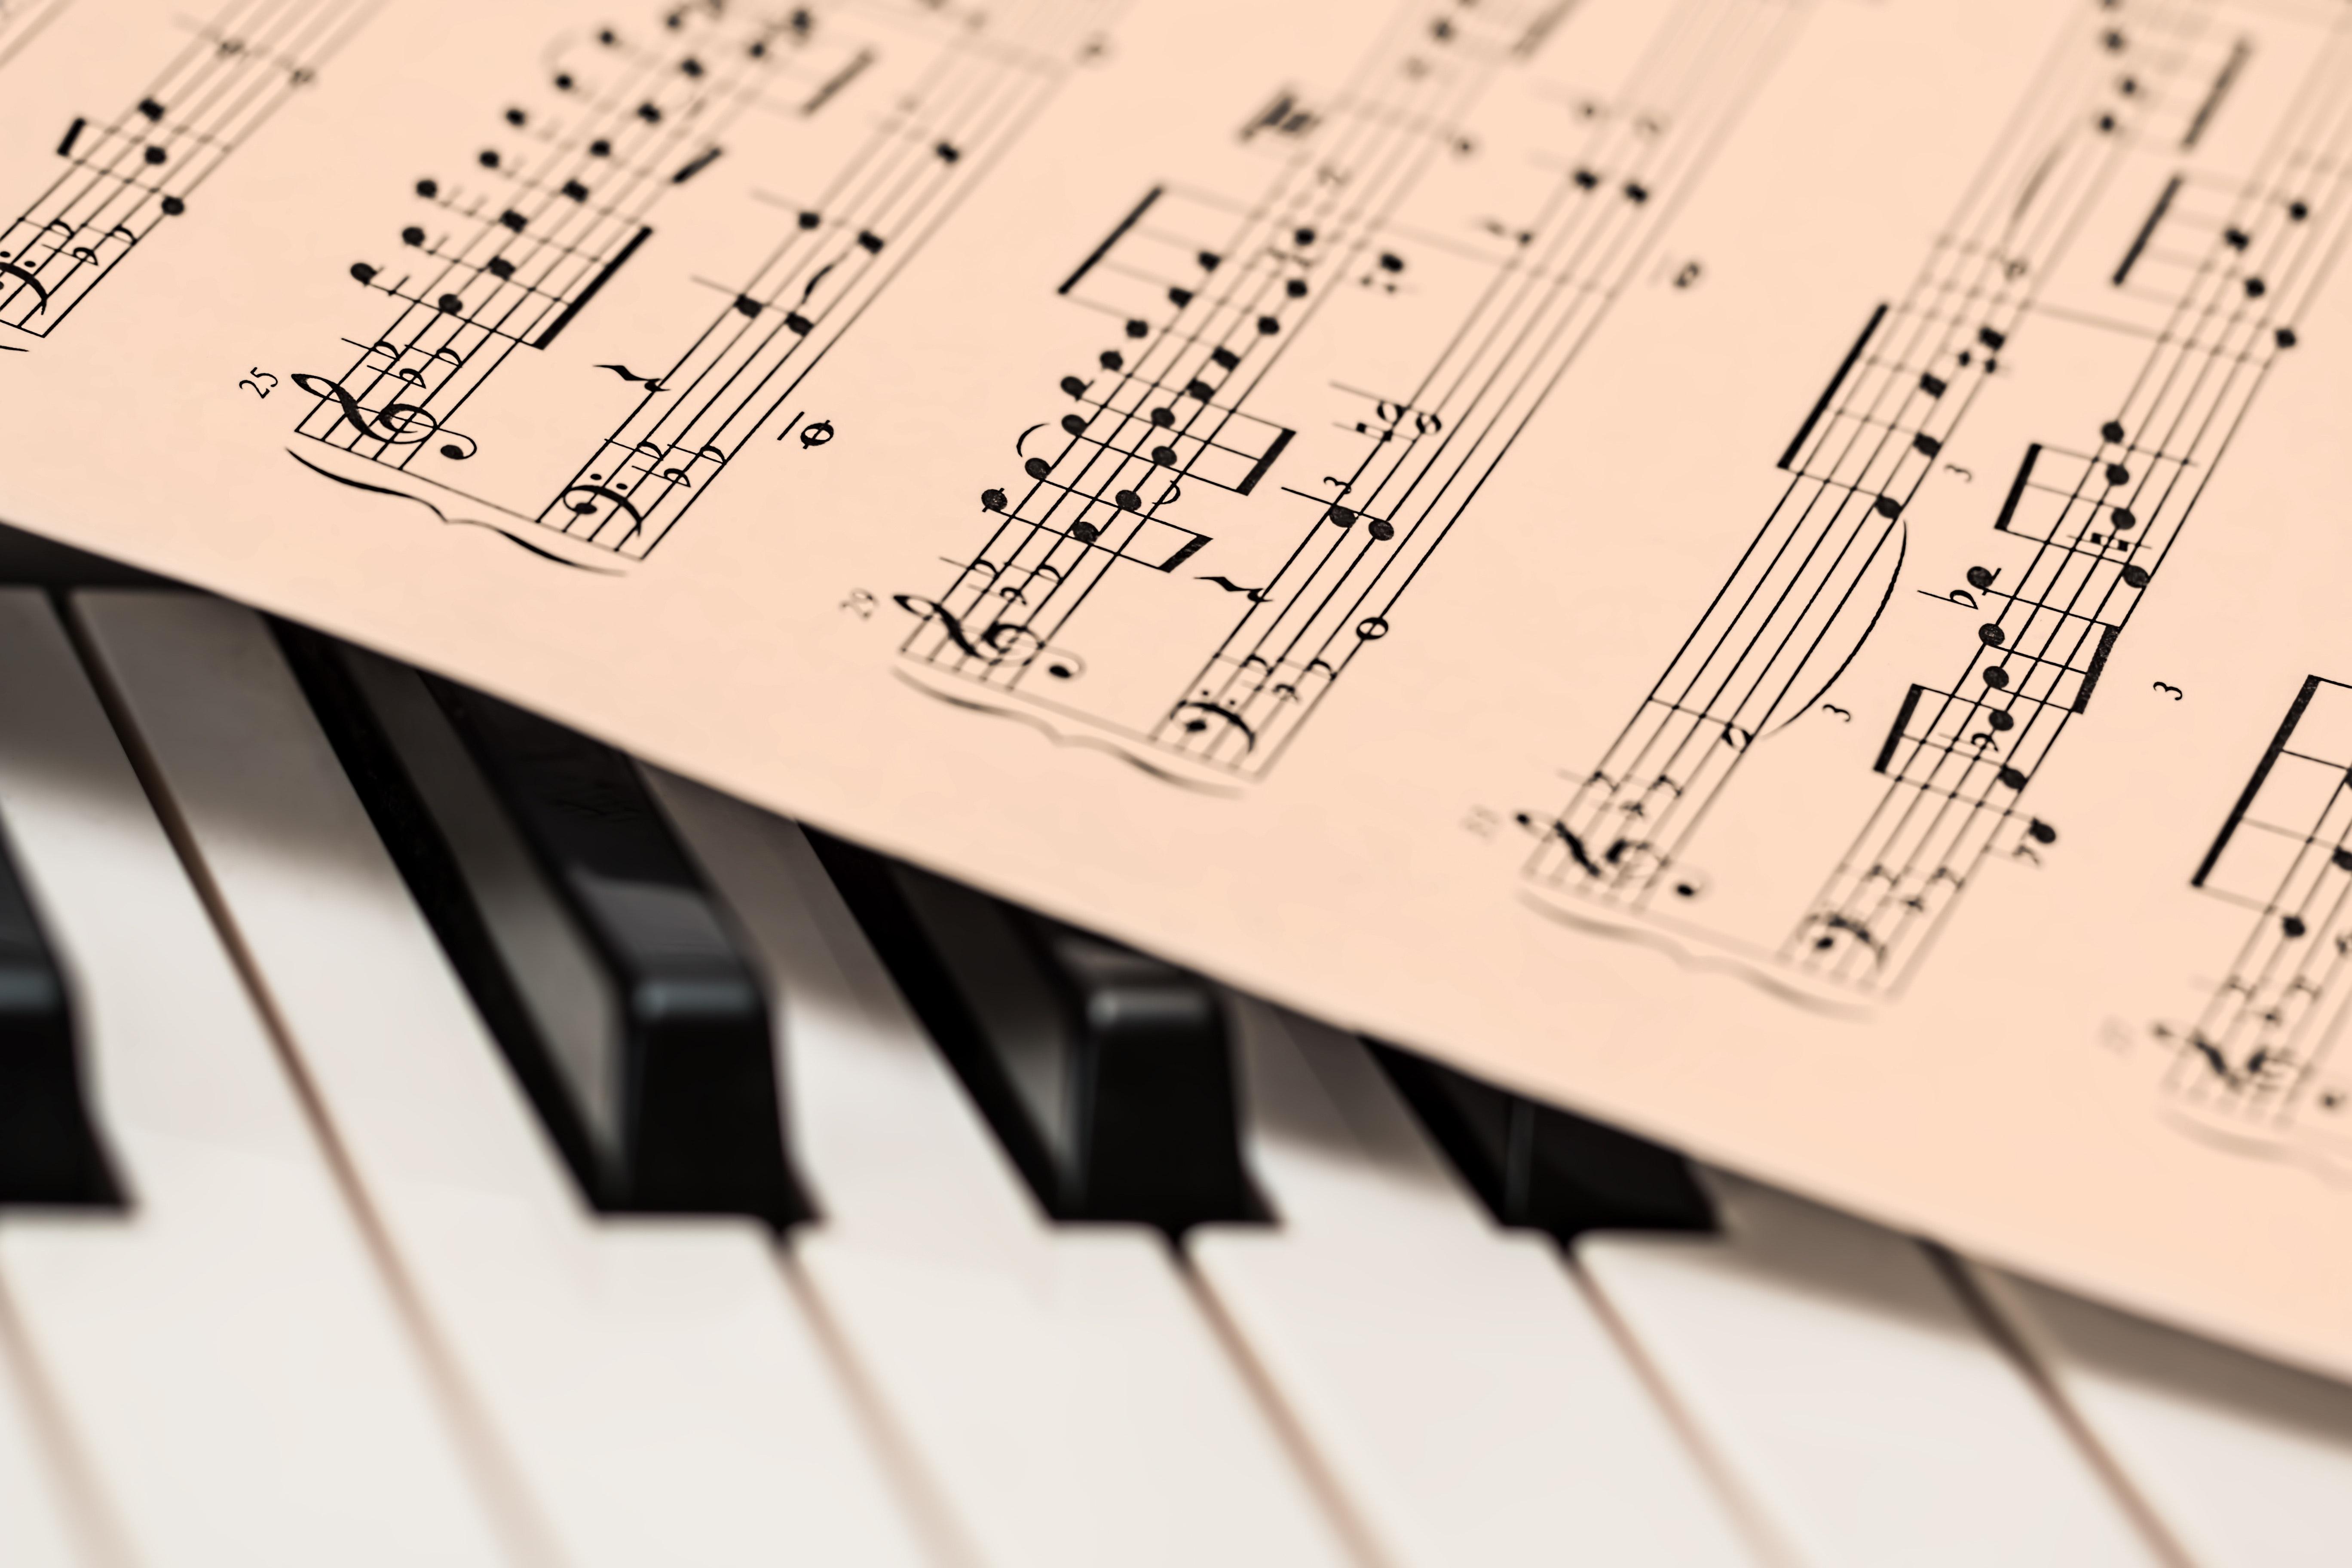 zeneírás, szövegírás